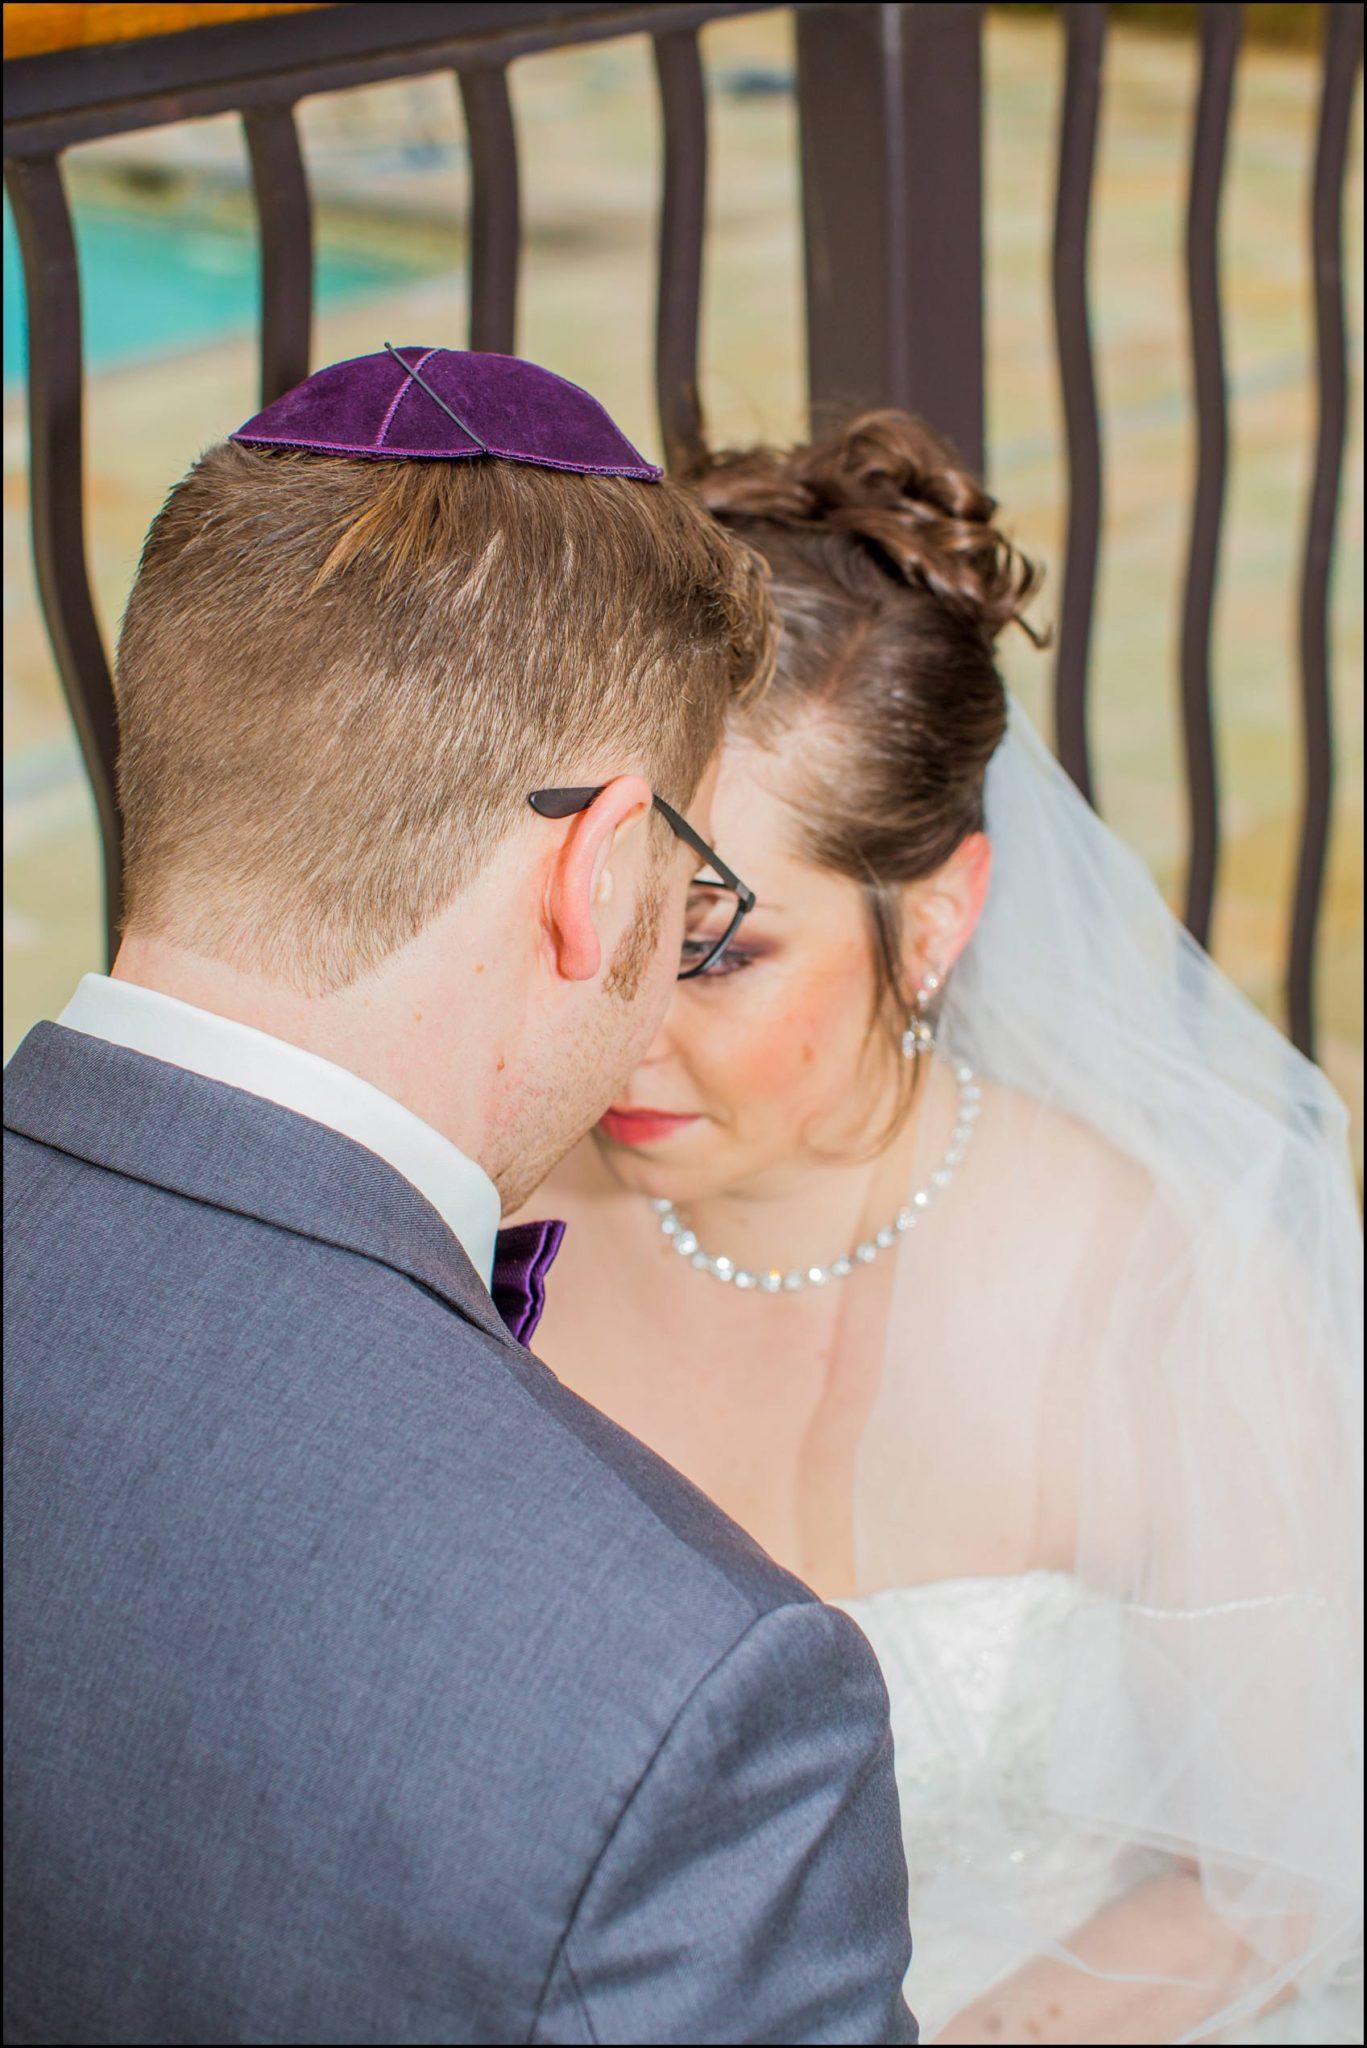 Addis Wedding 17 BELLEVUE JEWISH WEDDING   BELLEVUE CLUB WEDDING PHOTOGRAPHER